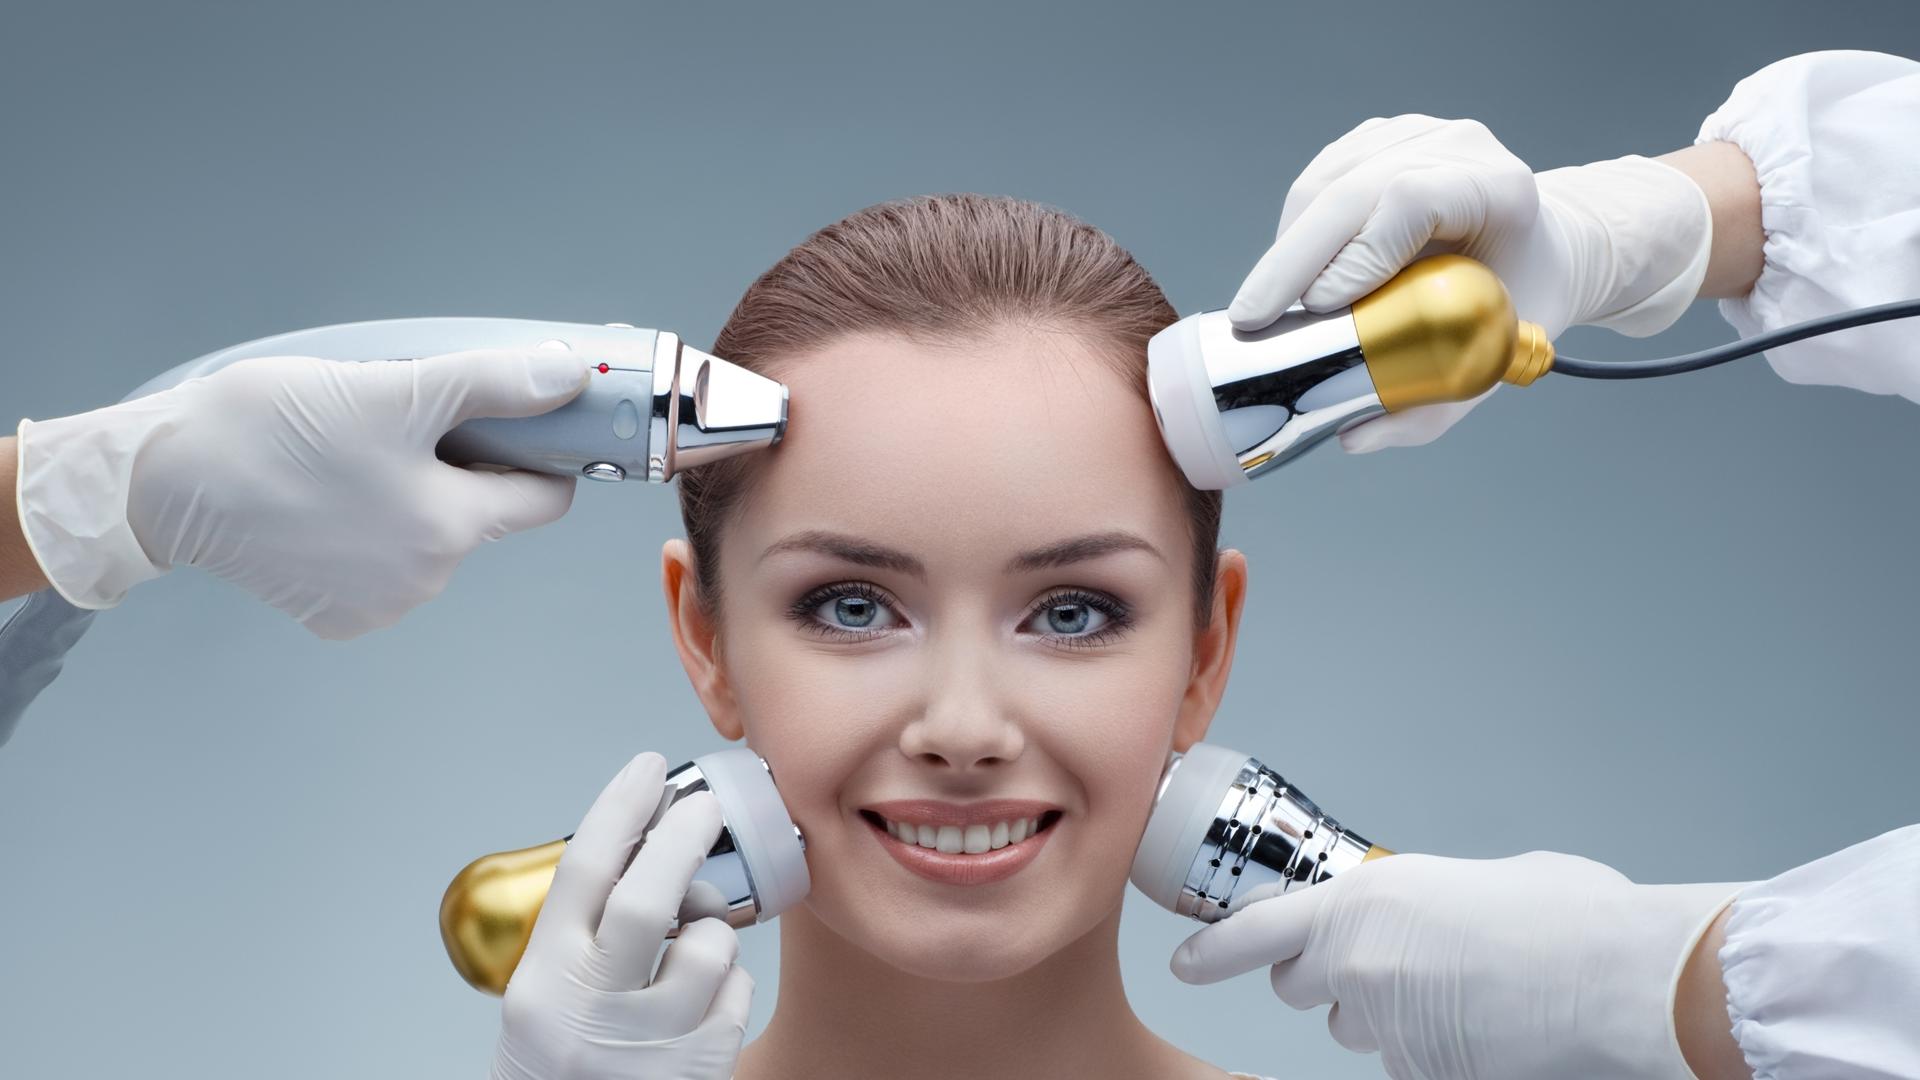 Cosmetology Photo